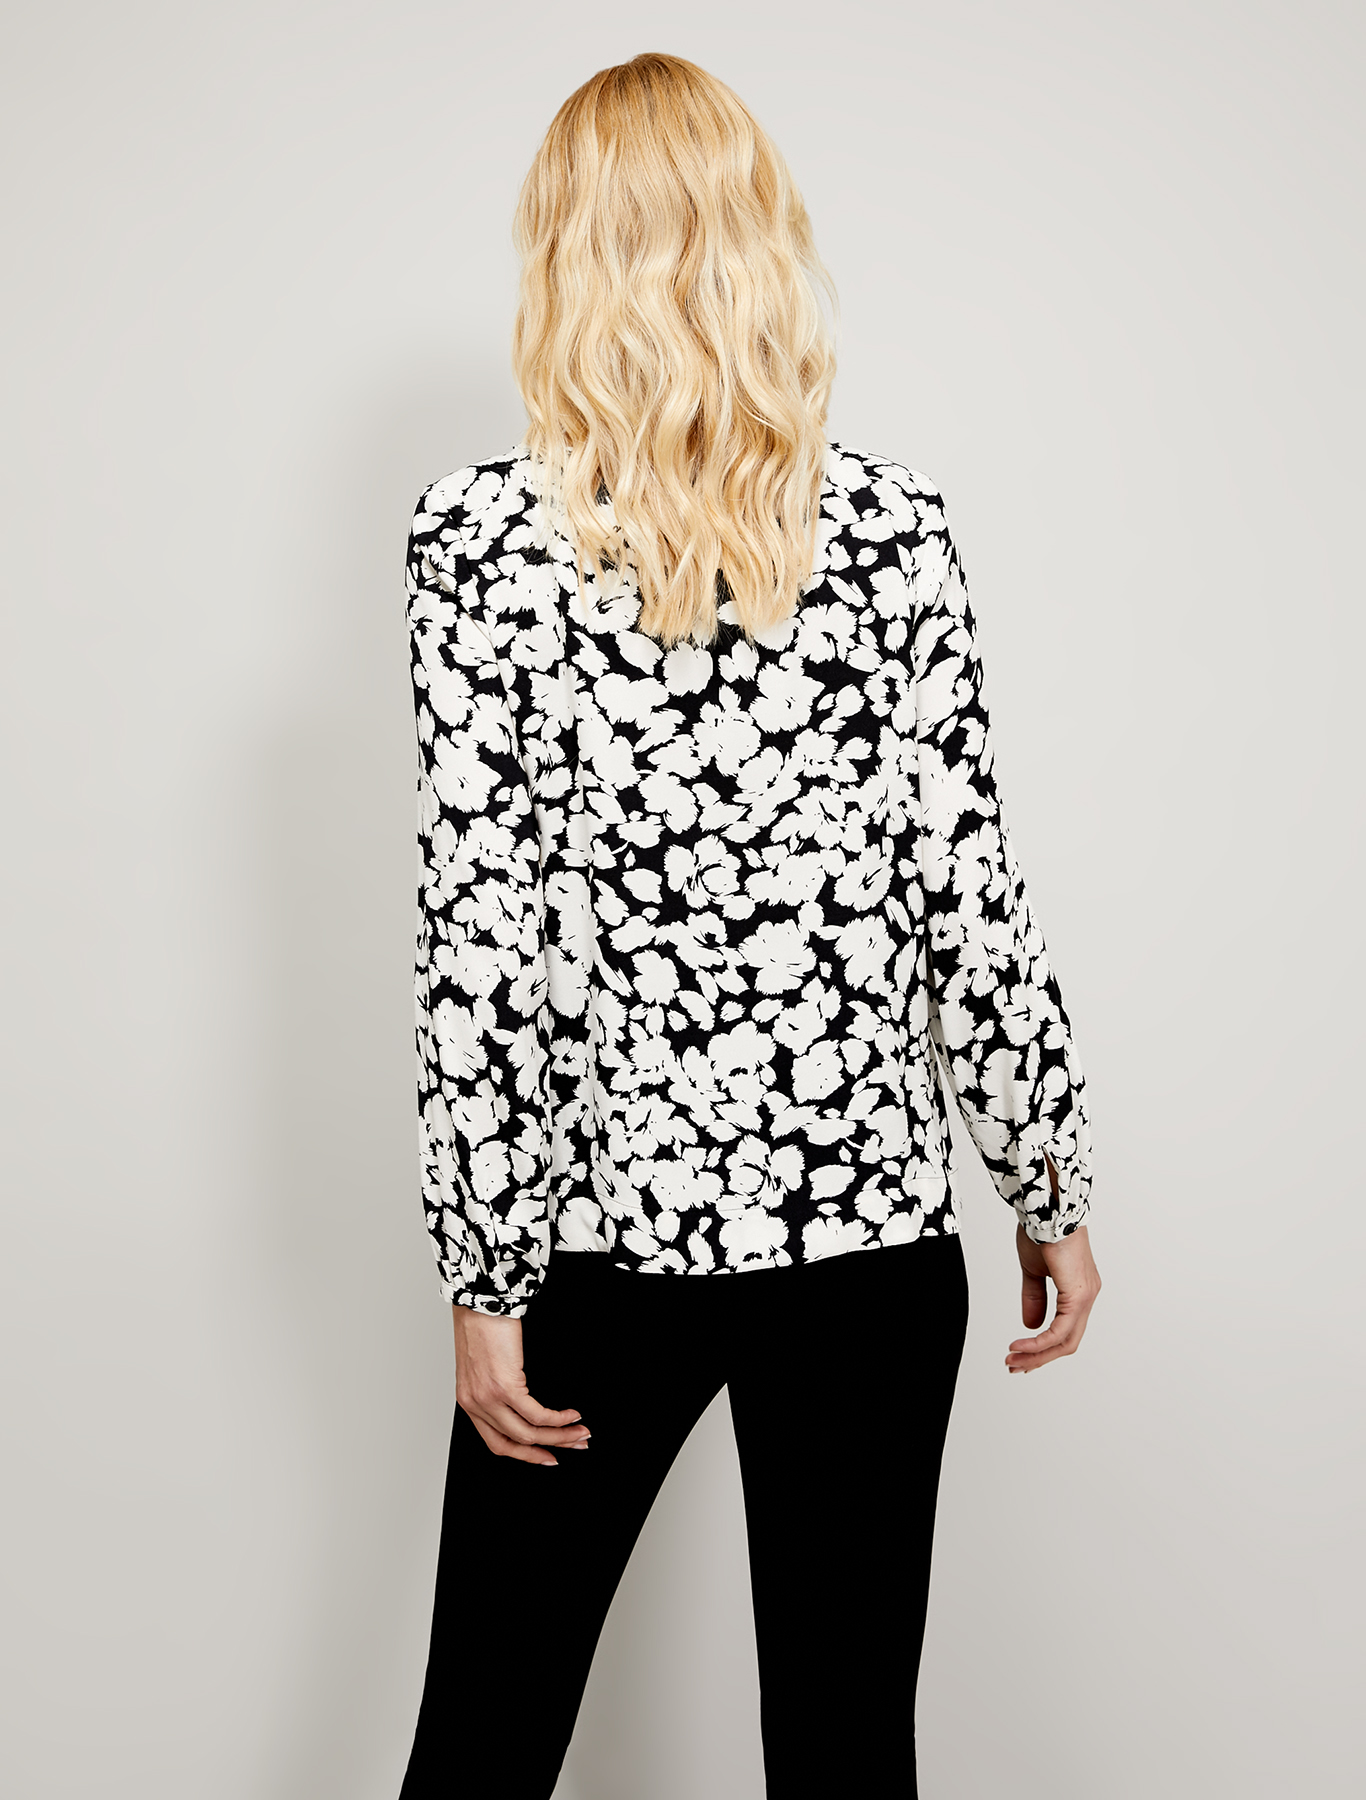 Black & white sablé blouse - black pattern - pennyblack